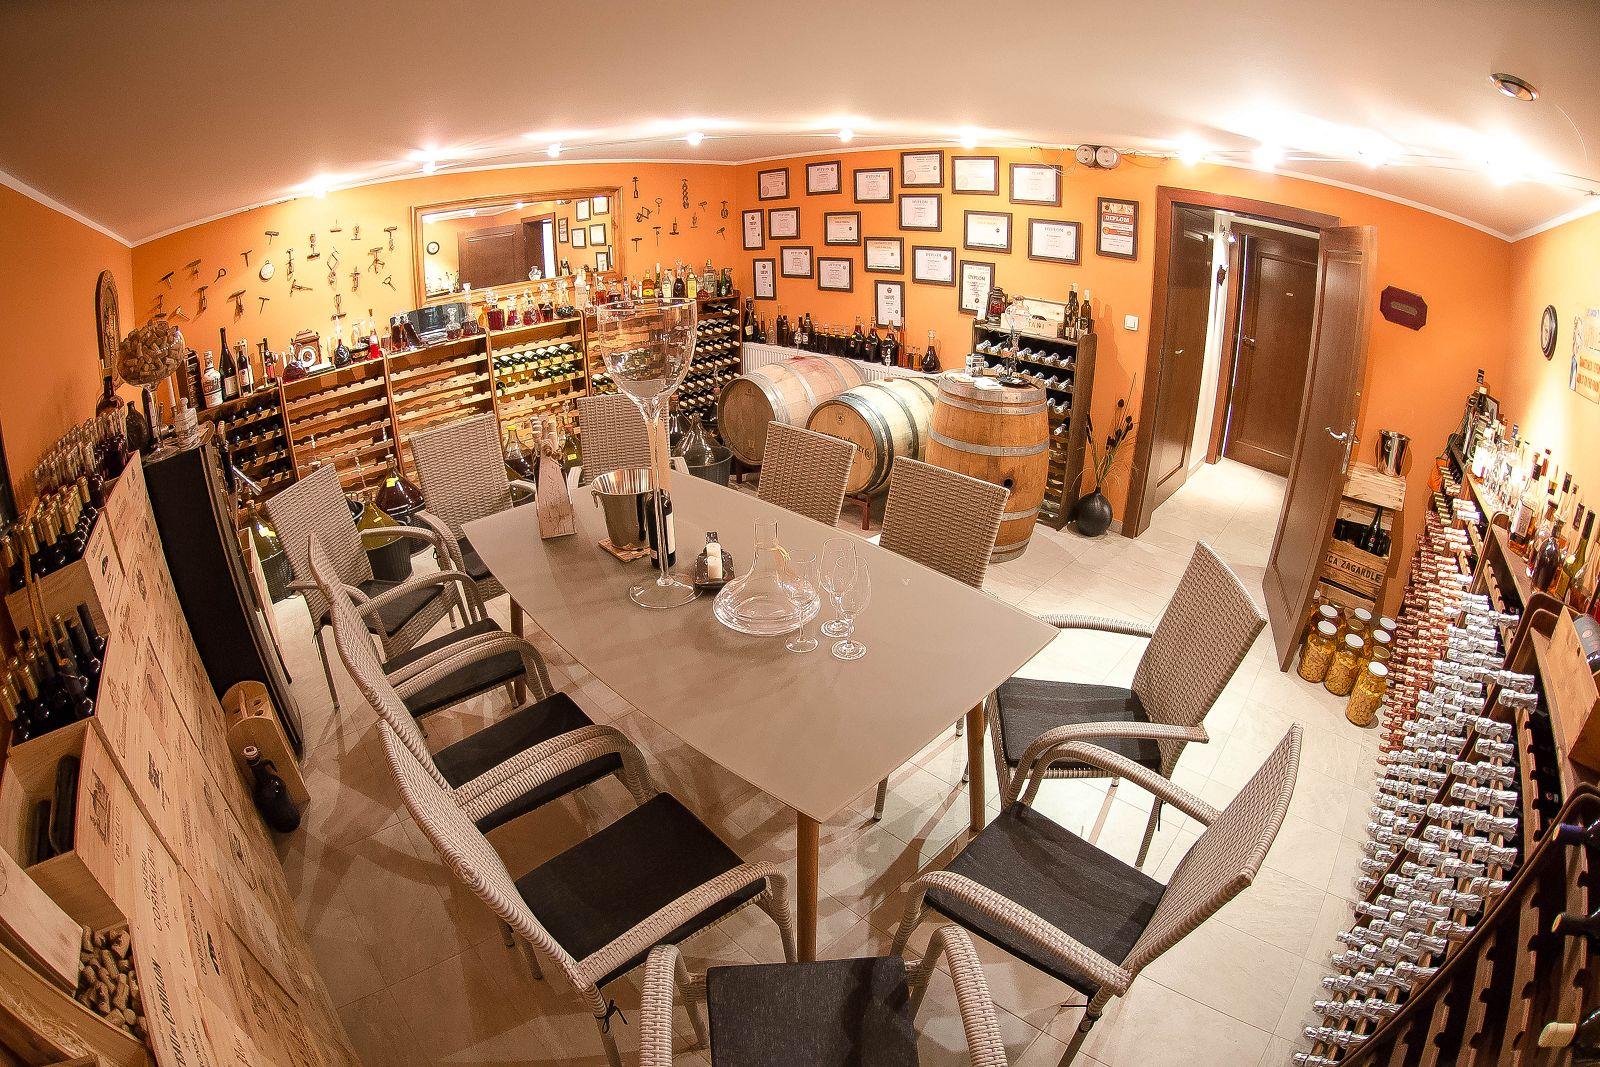 piwnica, winnica, zagardle, degustacja, spotkania, prelekcje, beczki, wino, winiarnia